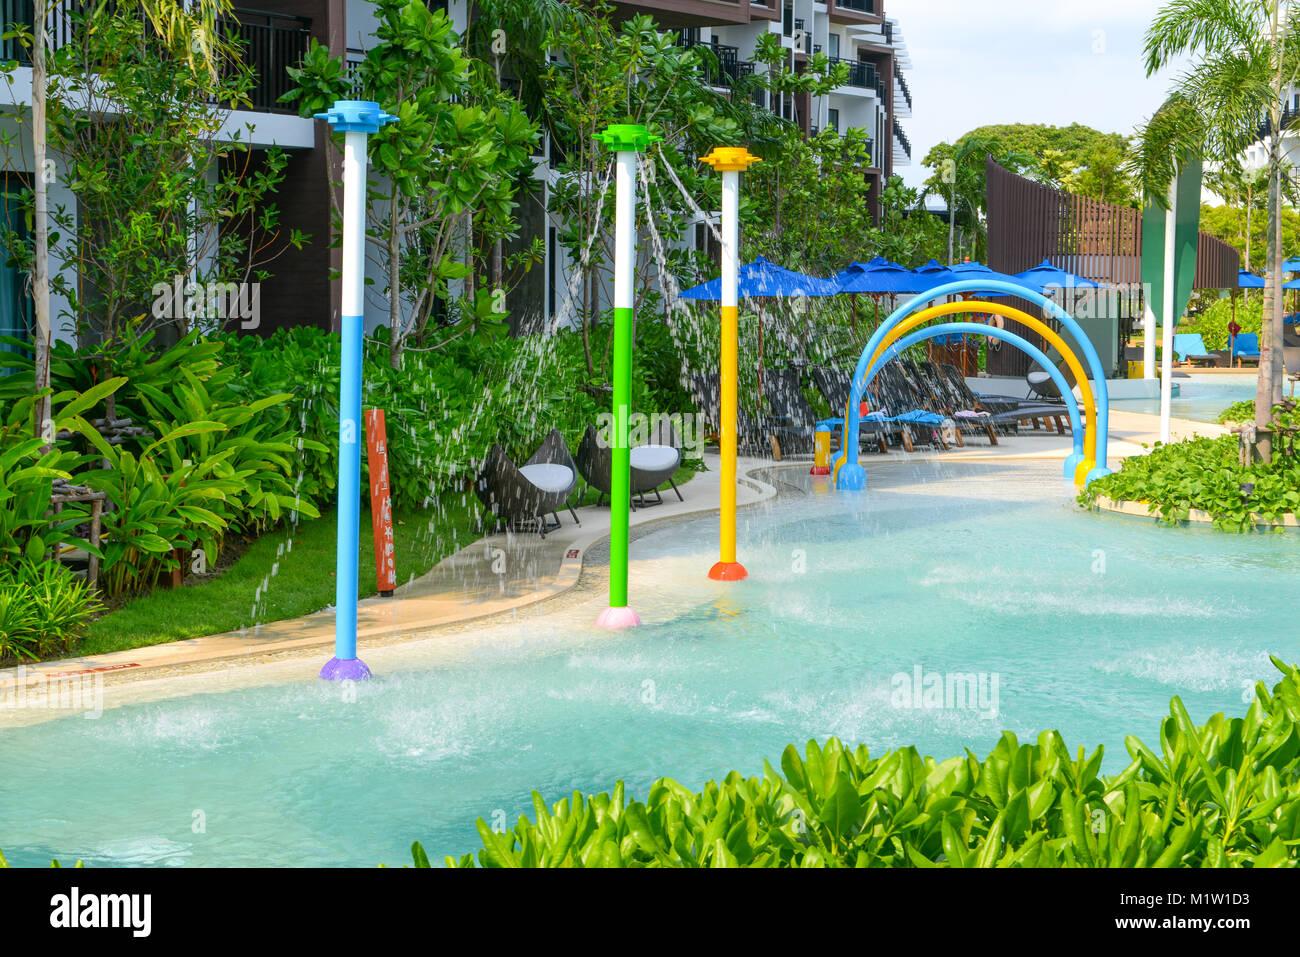 En Pattaya, Tailandia - Abril 20, 2016: Vista de la piscina y un ...